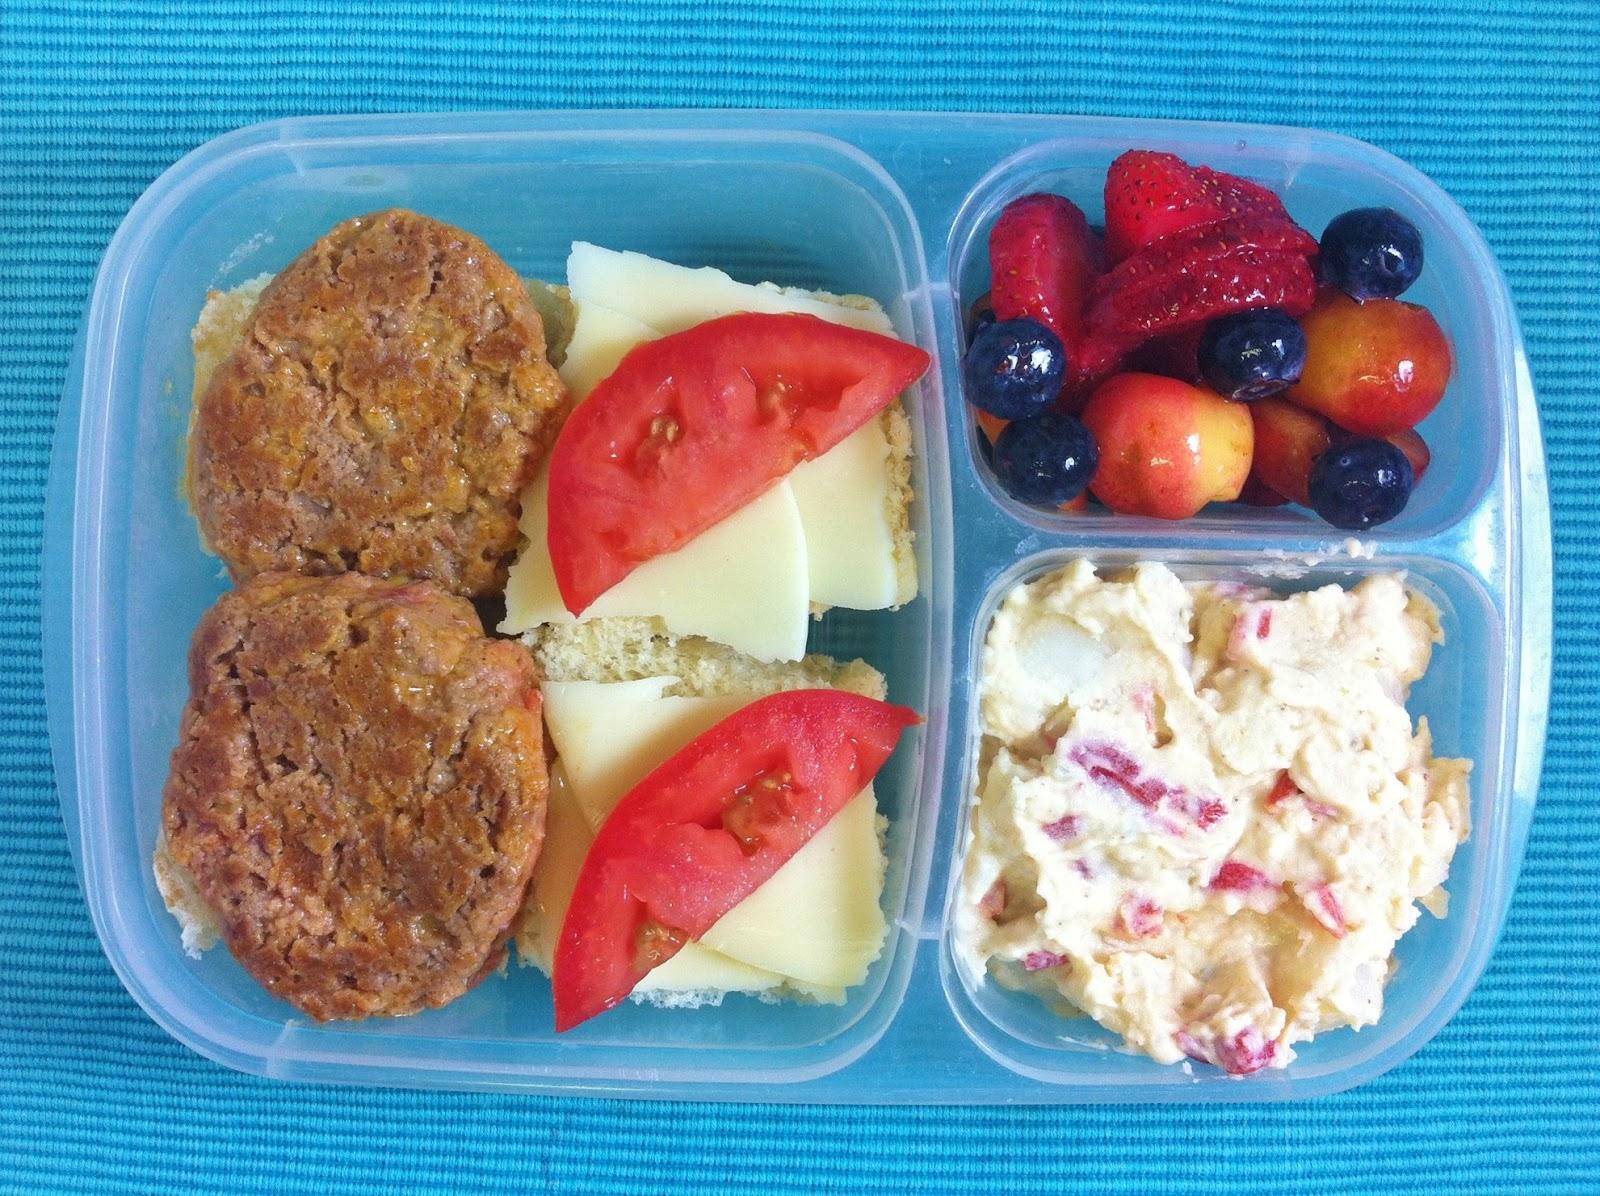 Operation: Lunch Box: Day 199 - Buffalo Turkey Sliders